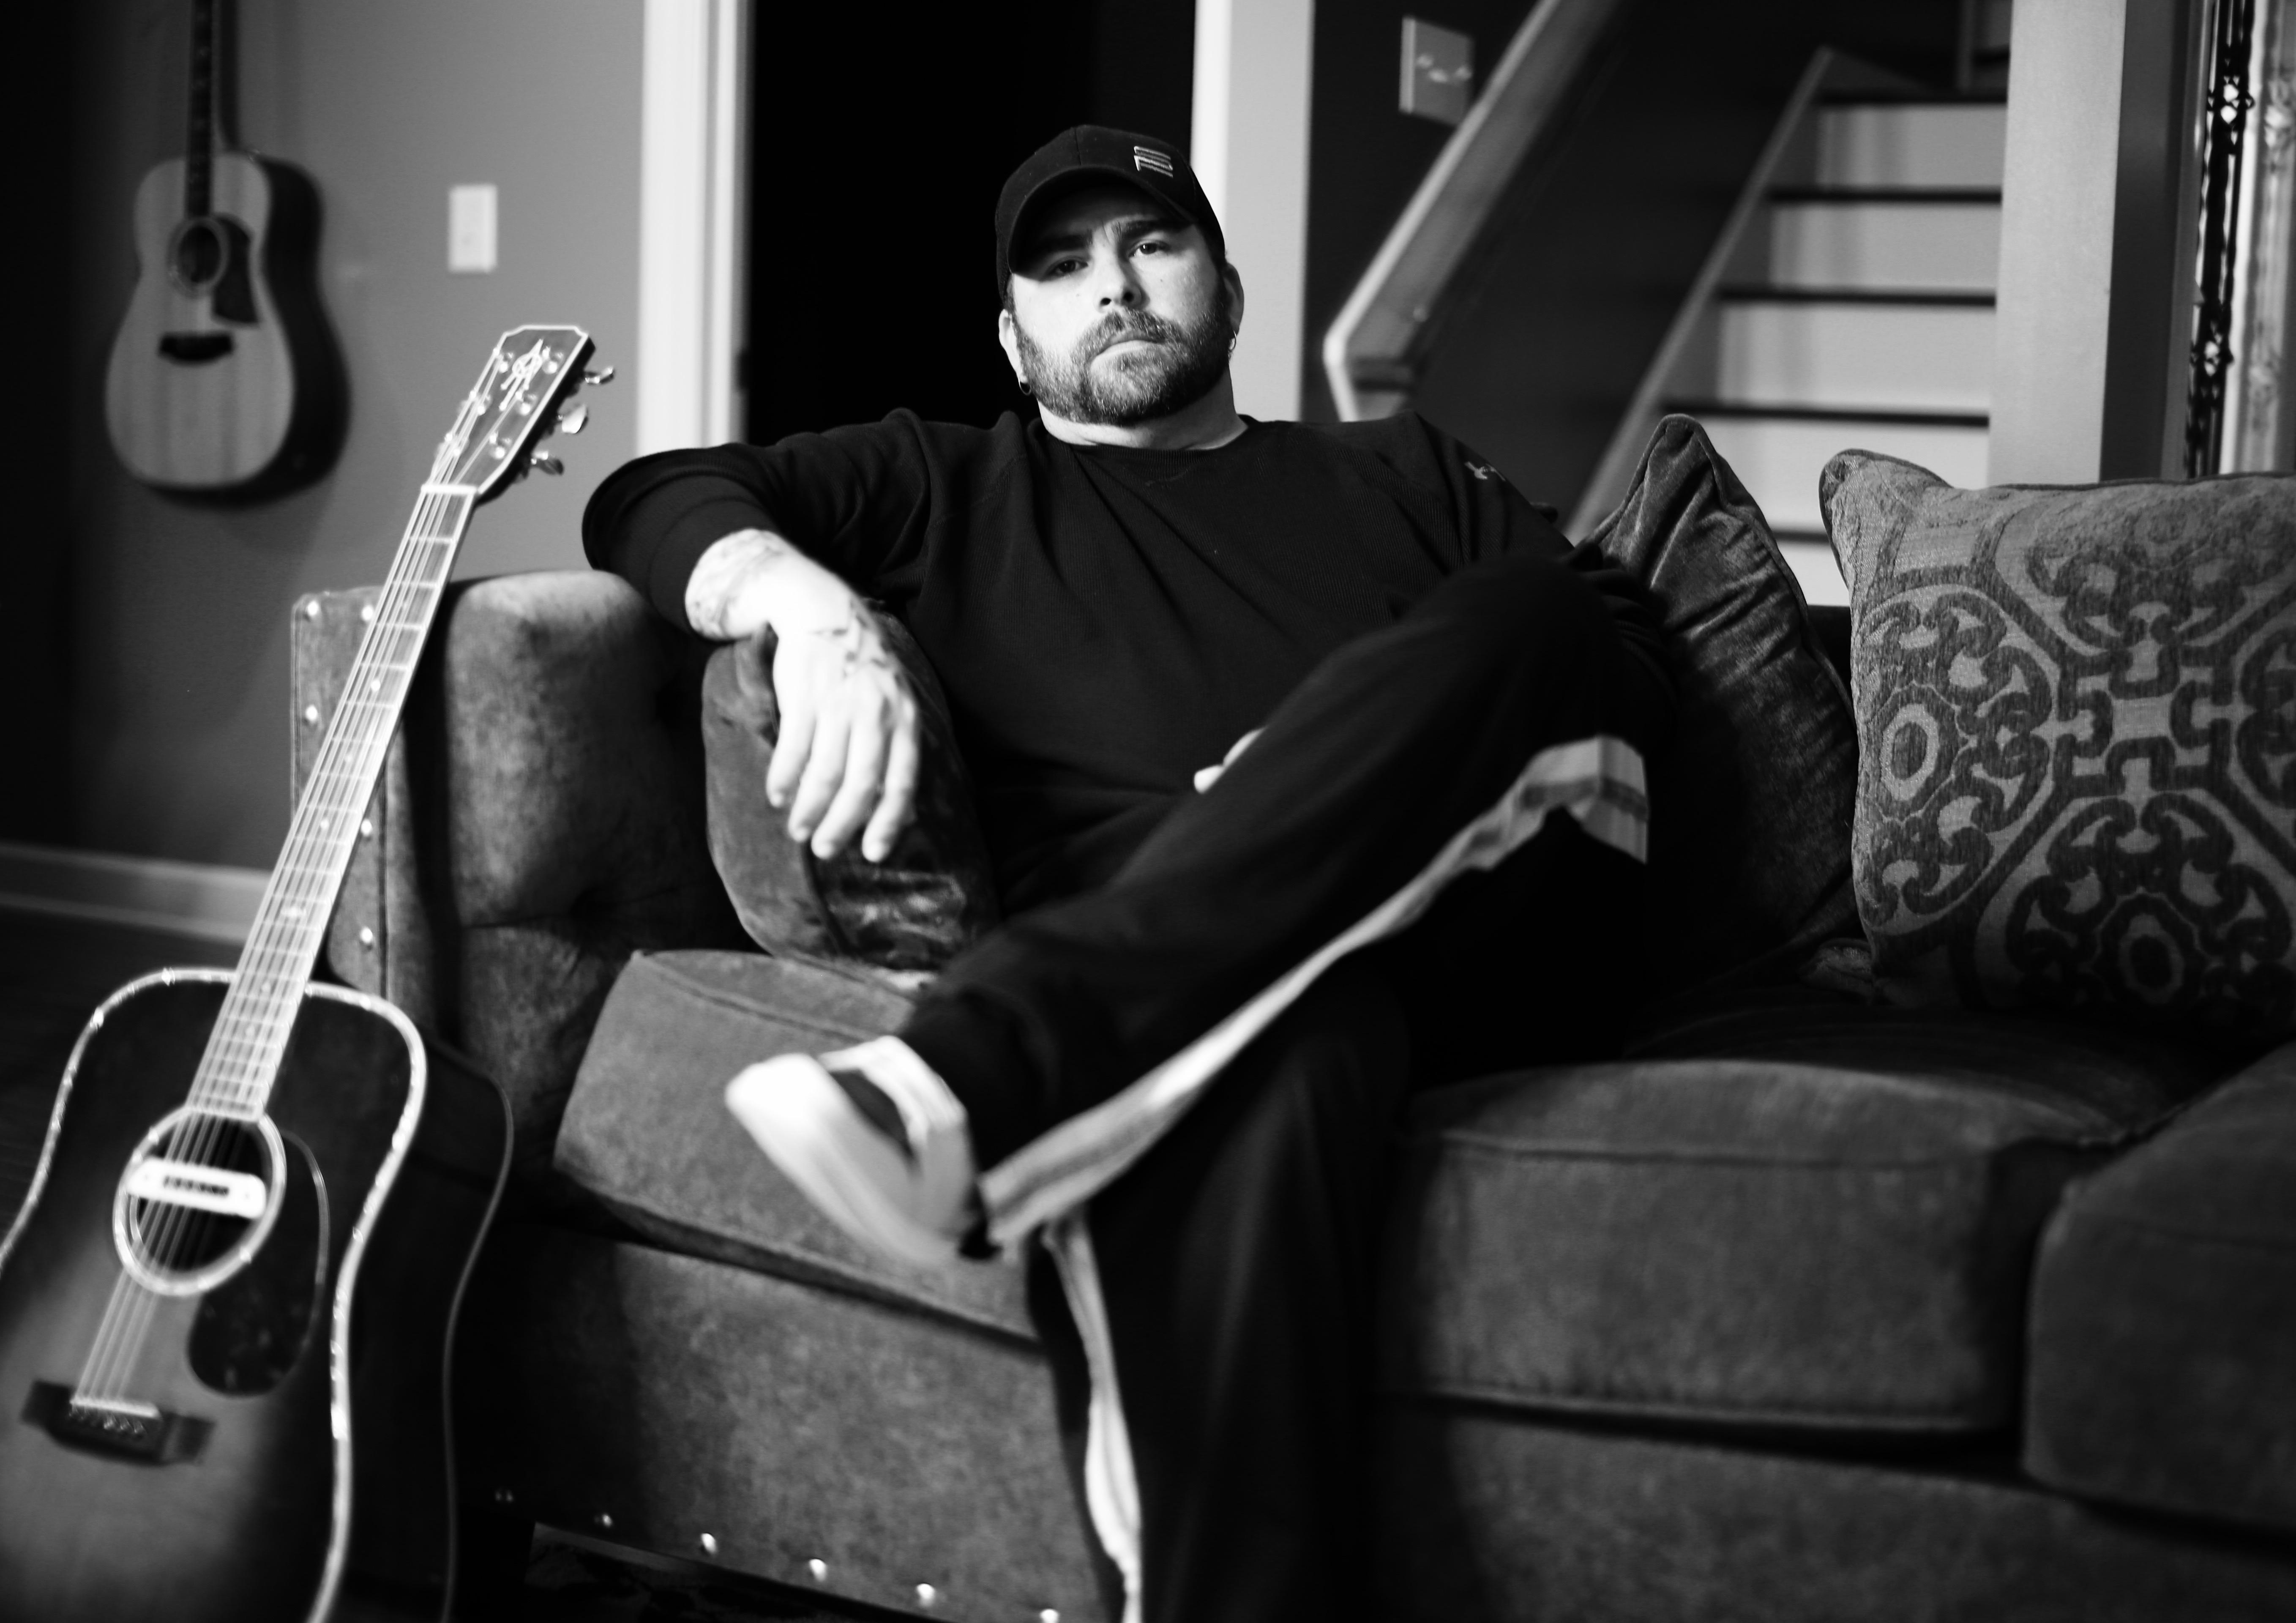 Episode 54: Steve the songwriter – producer